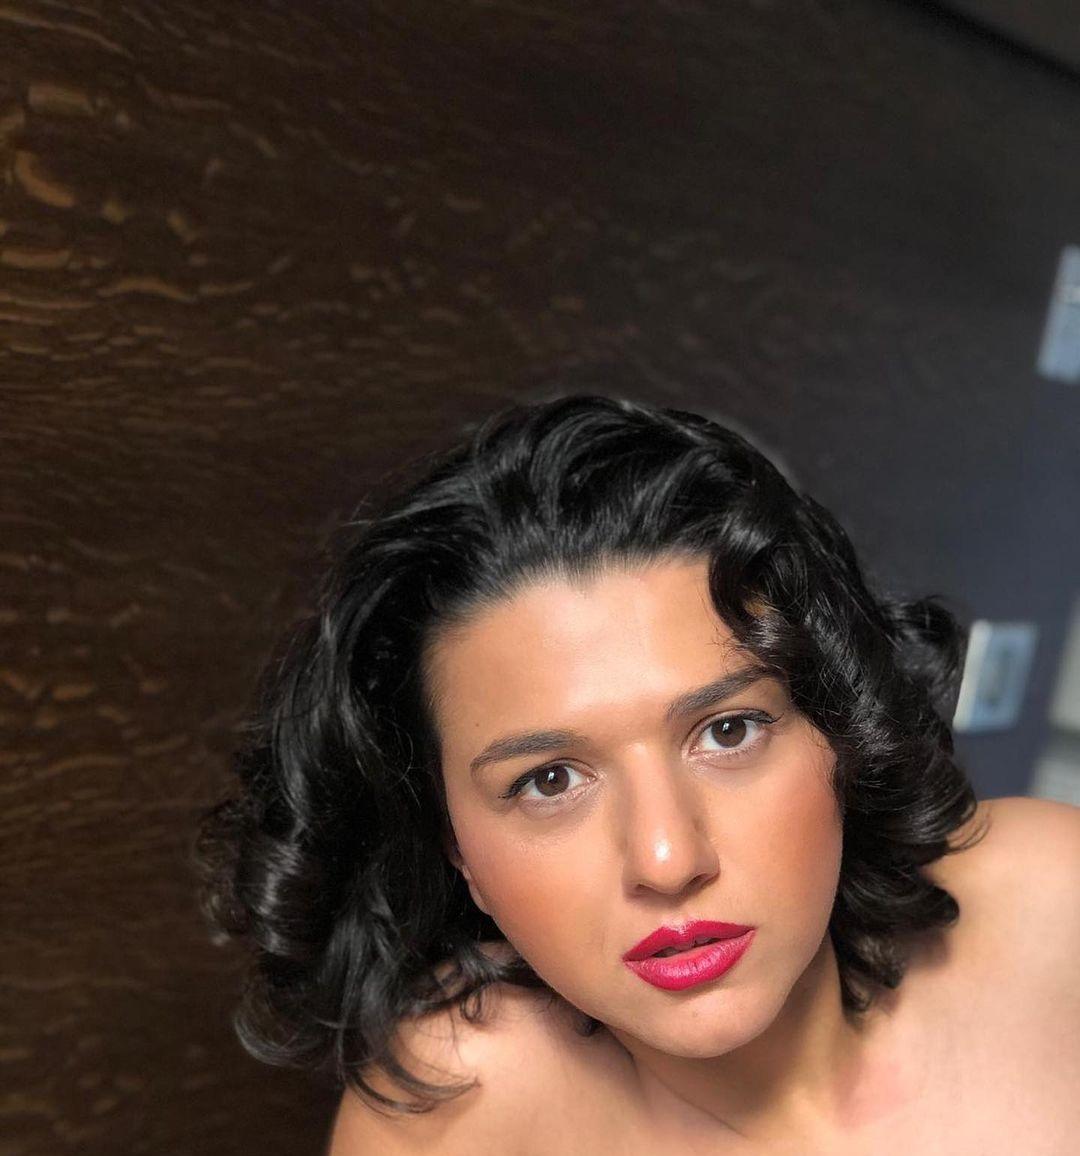 Khatia-Buniatishvili-Wallpapers-Insta-Fit-Bio-8